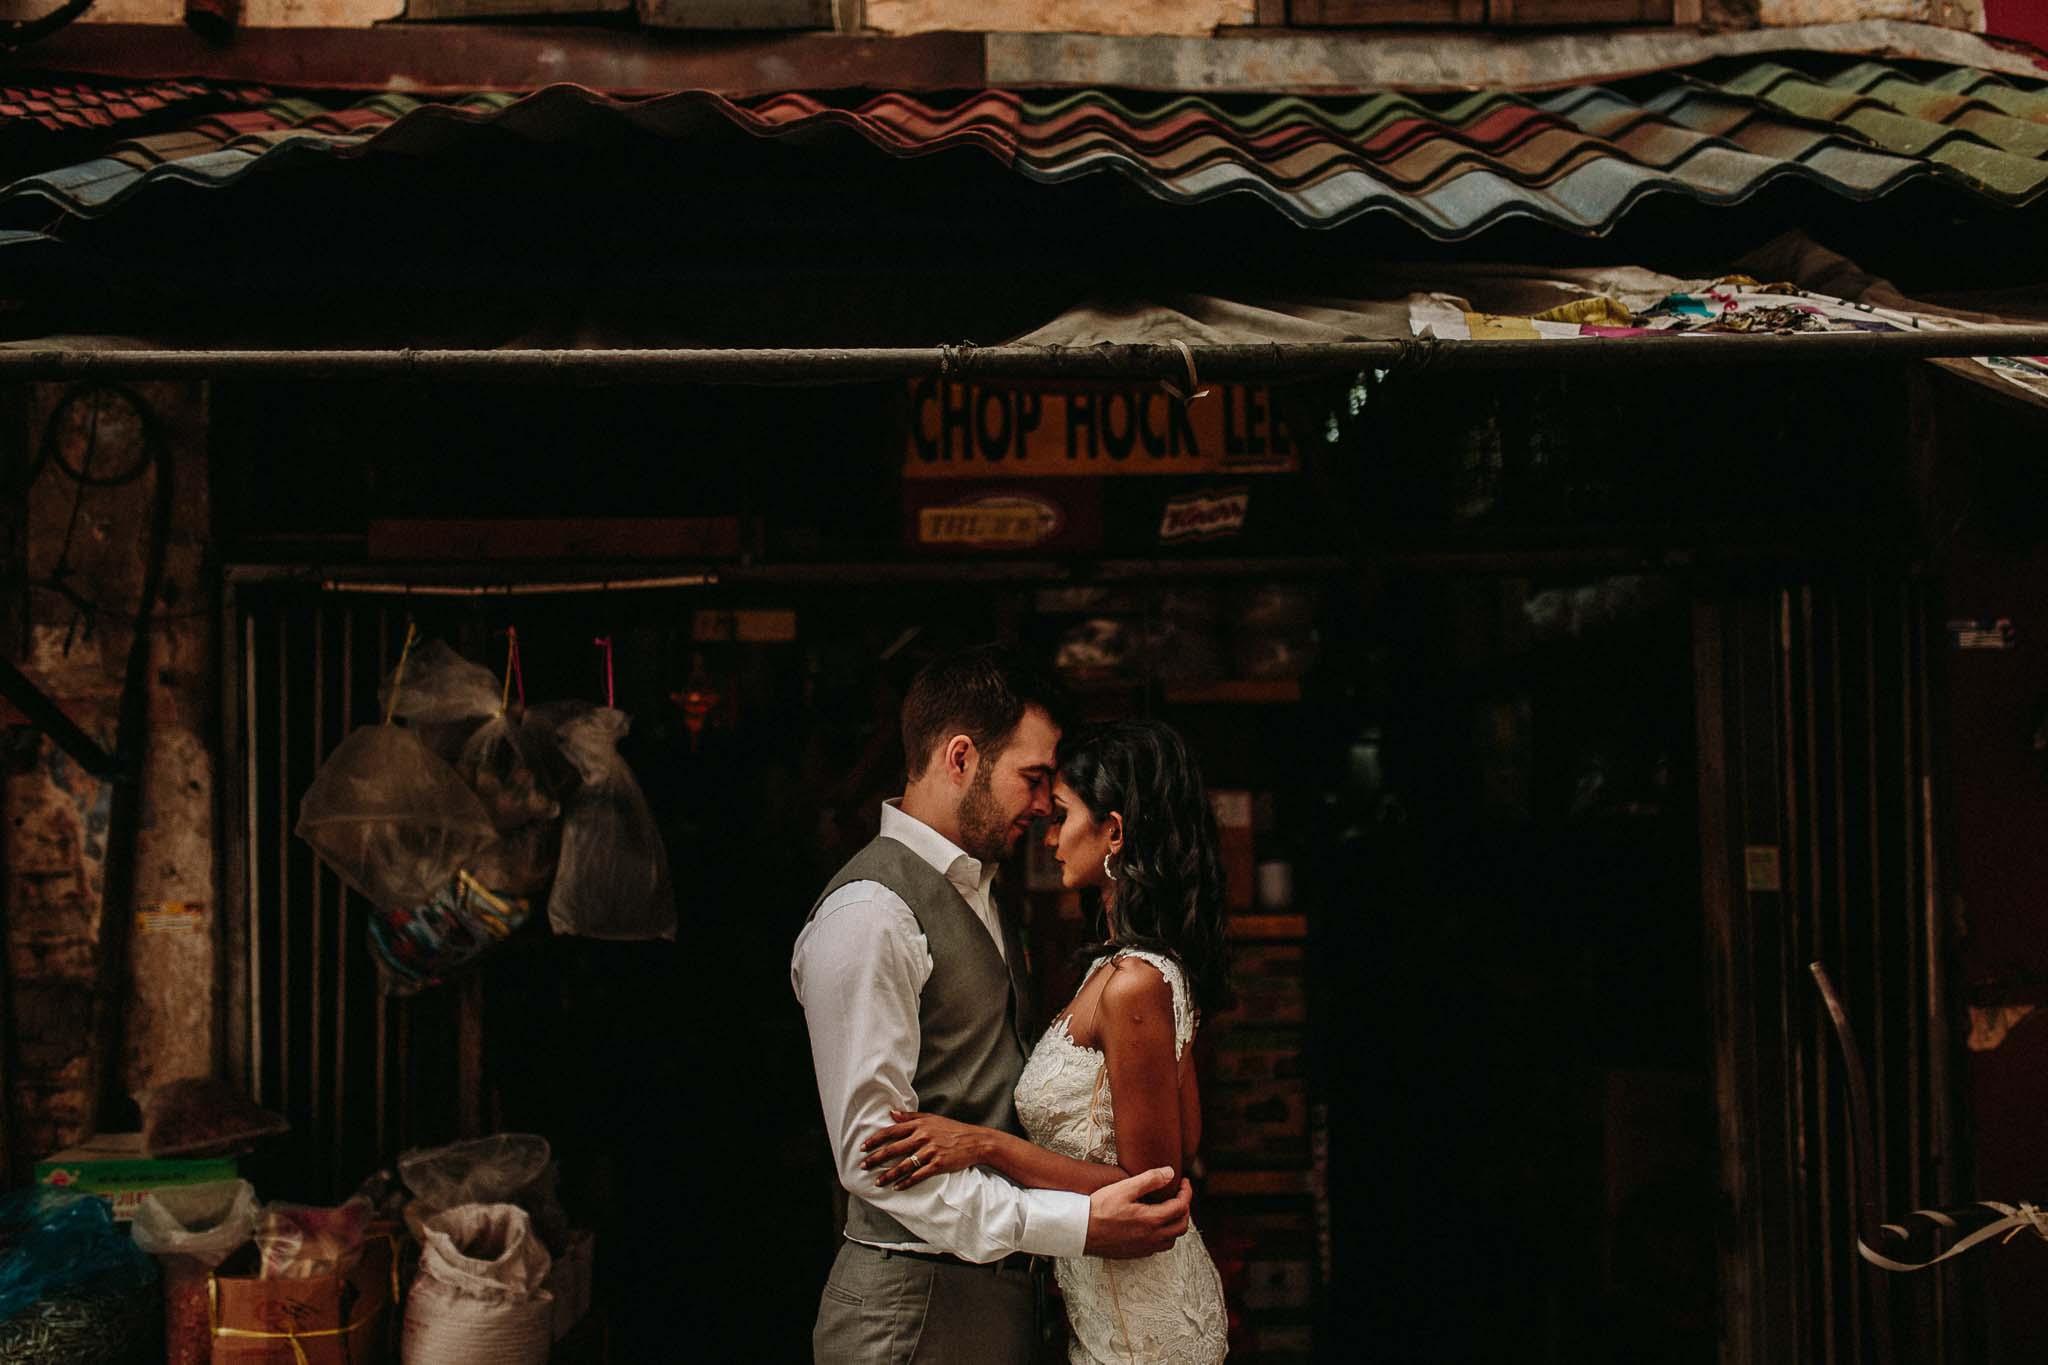 u&m-weddingsbyqay-lovesession-destinationweddingphotographer (98 of 160).jpg